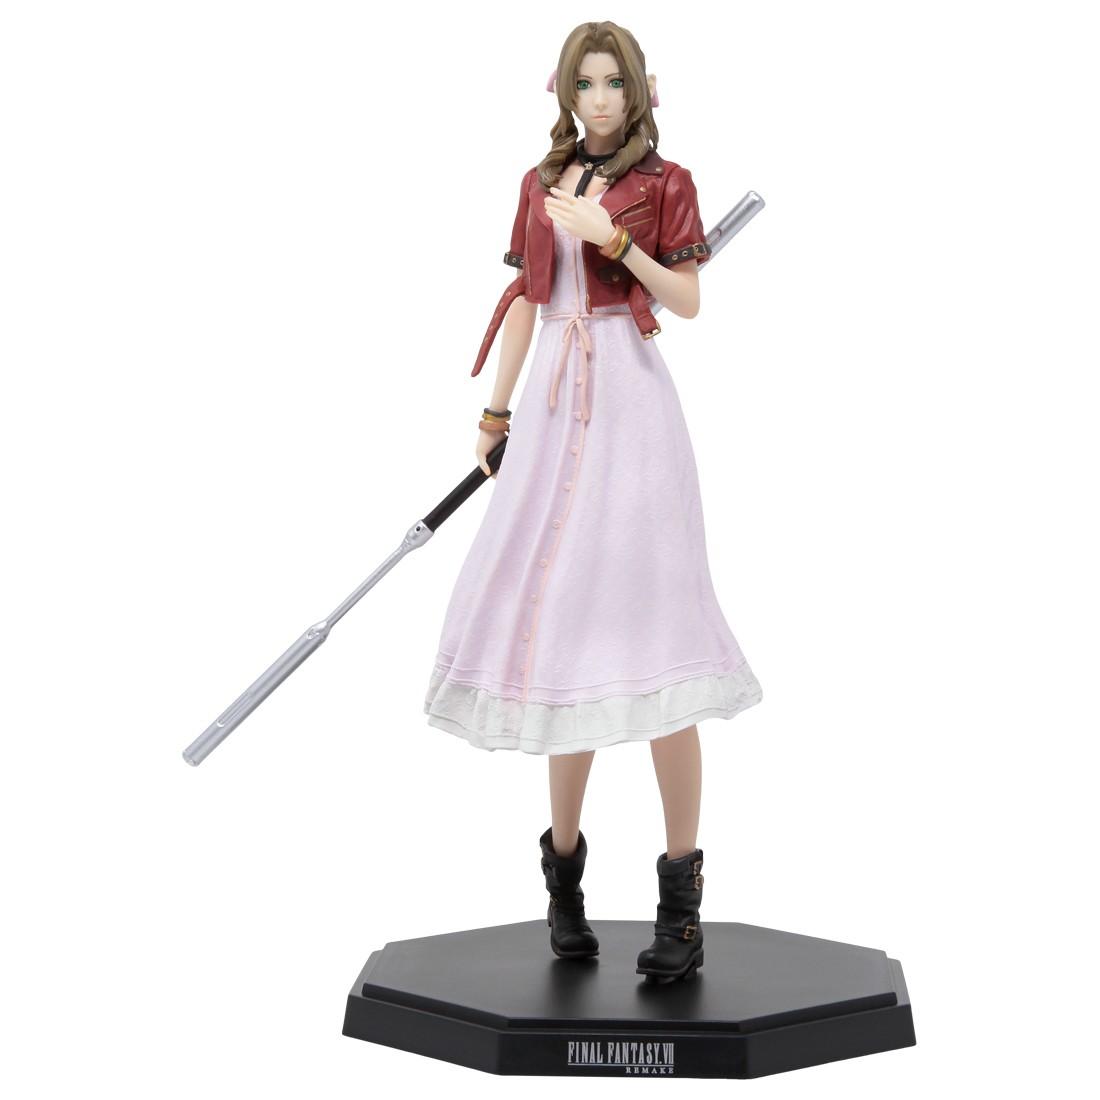 Square Enix Final Fantasy VII Remake Statuette Aerith Gainsborough Statue (pink)